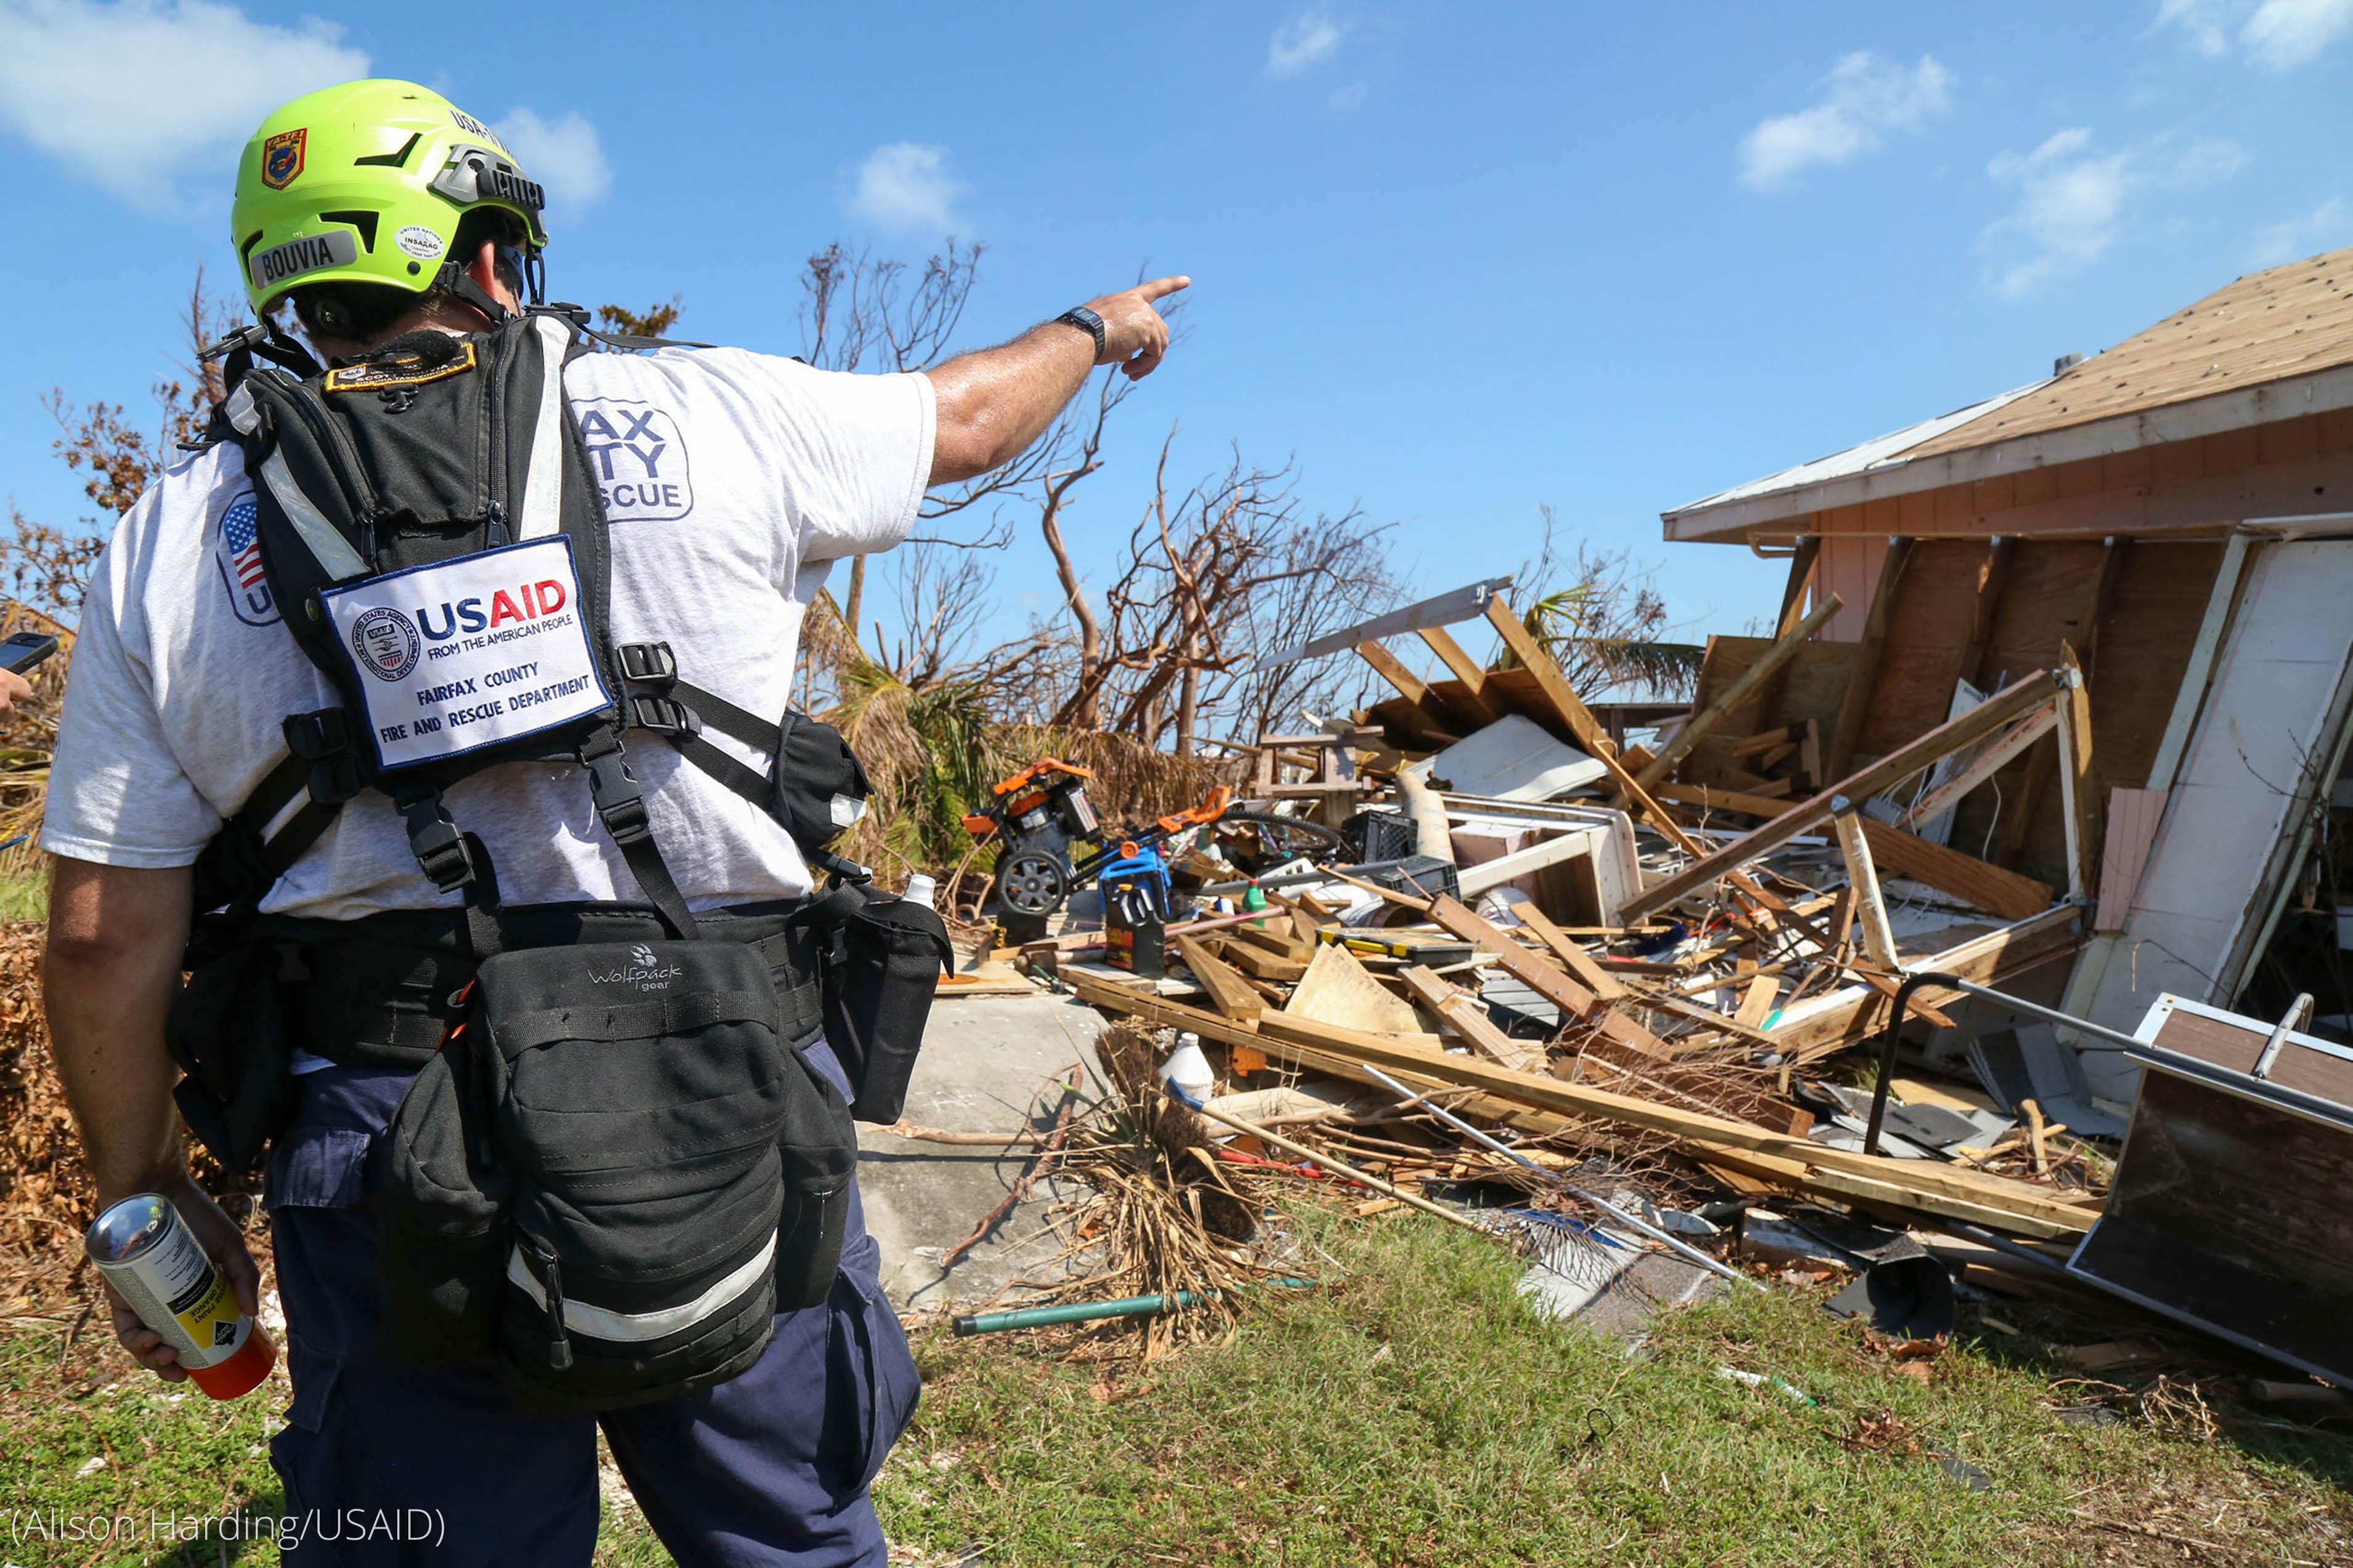 Мужчина в защитном шлеме на ремне крупного оборудования указывает на обломки разрушенного дома (Alison Harding/USAID)